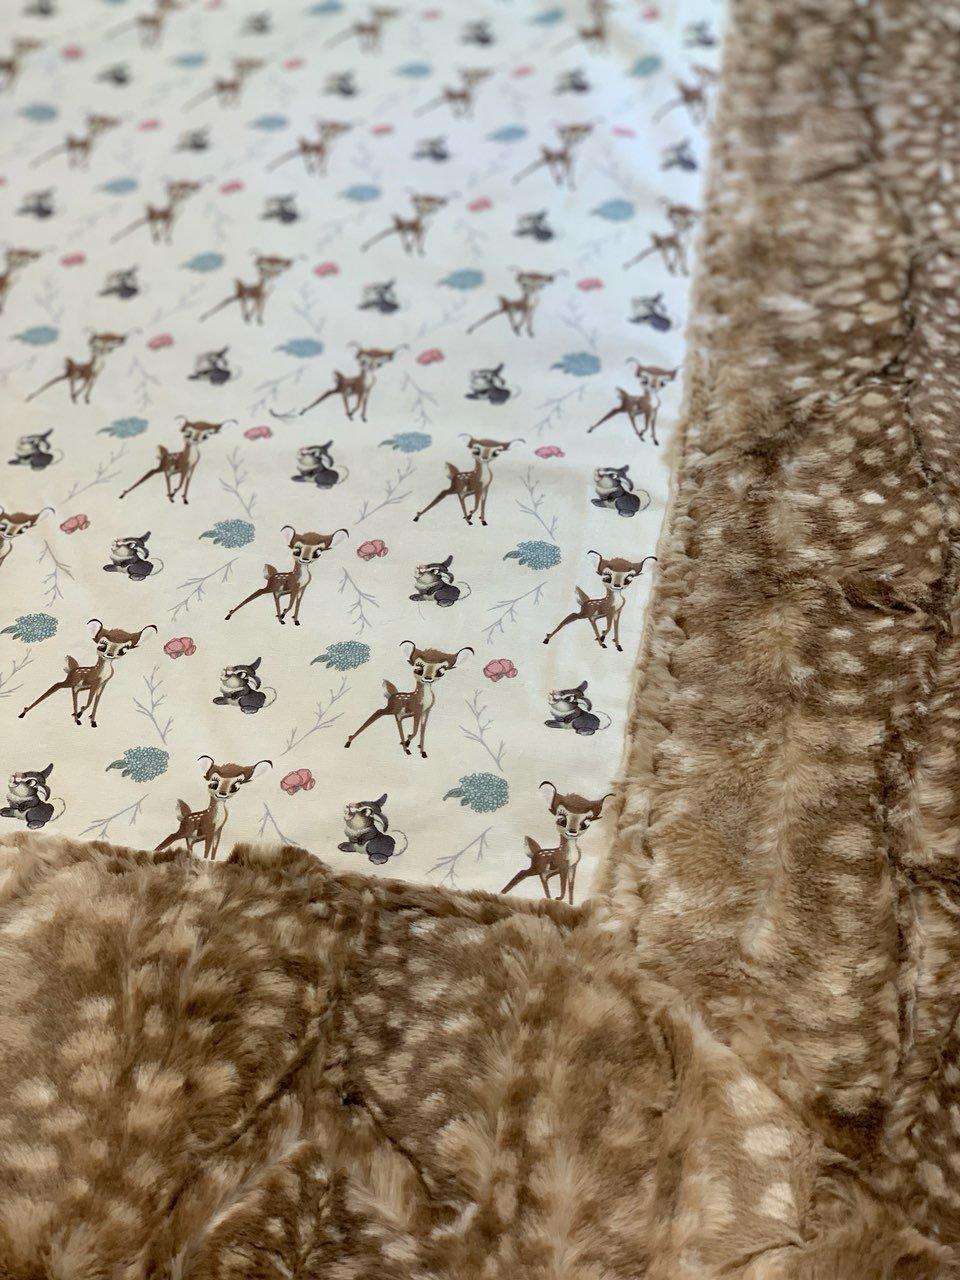 5 Minute Miter Kit - Toddler Size - Cotton Bambi